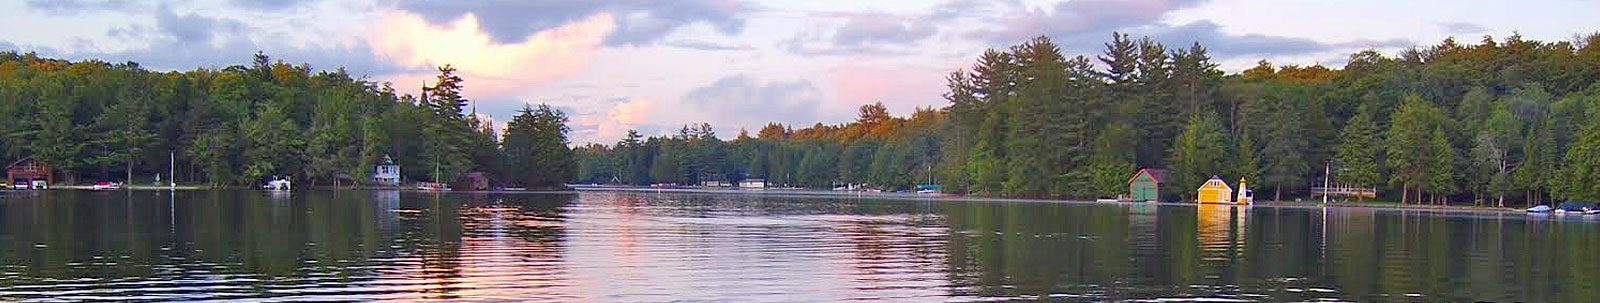 lake-daytime-int